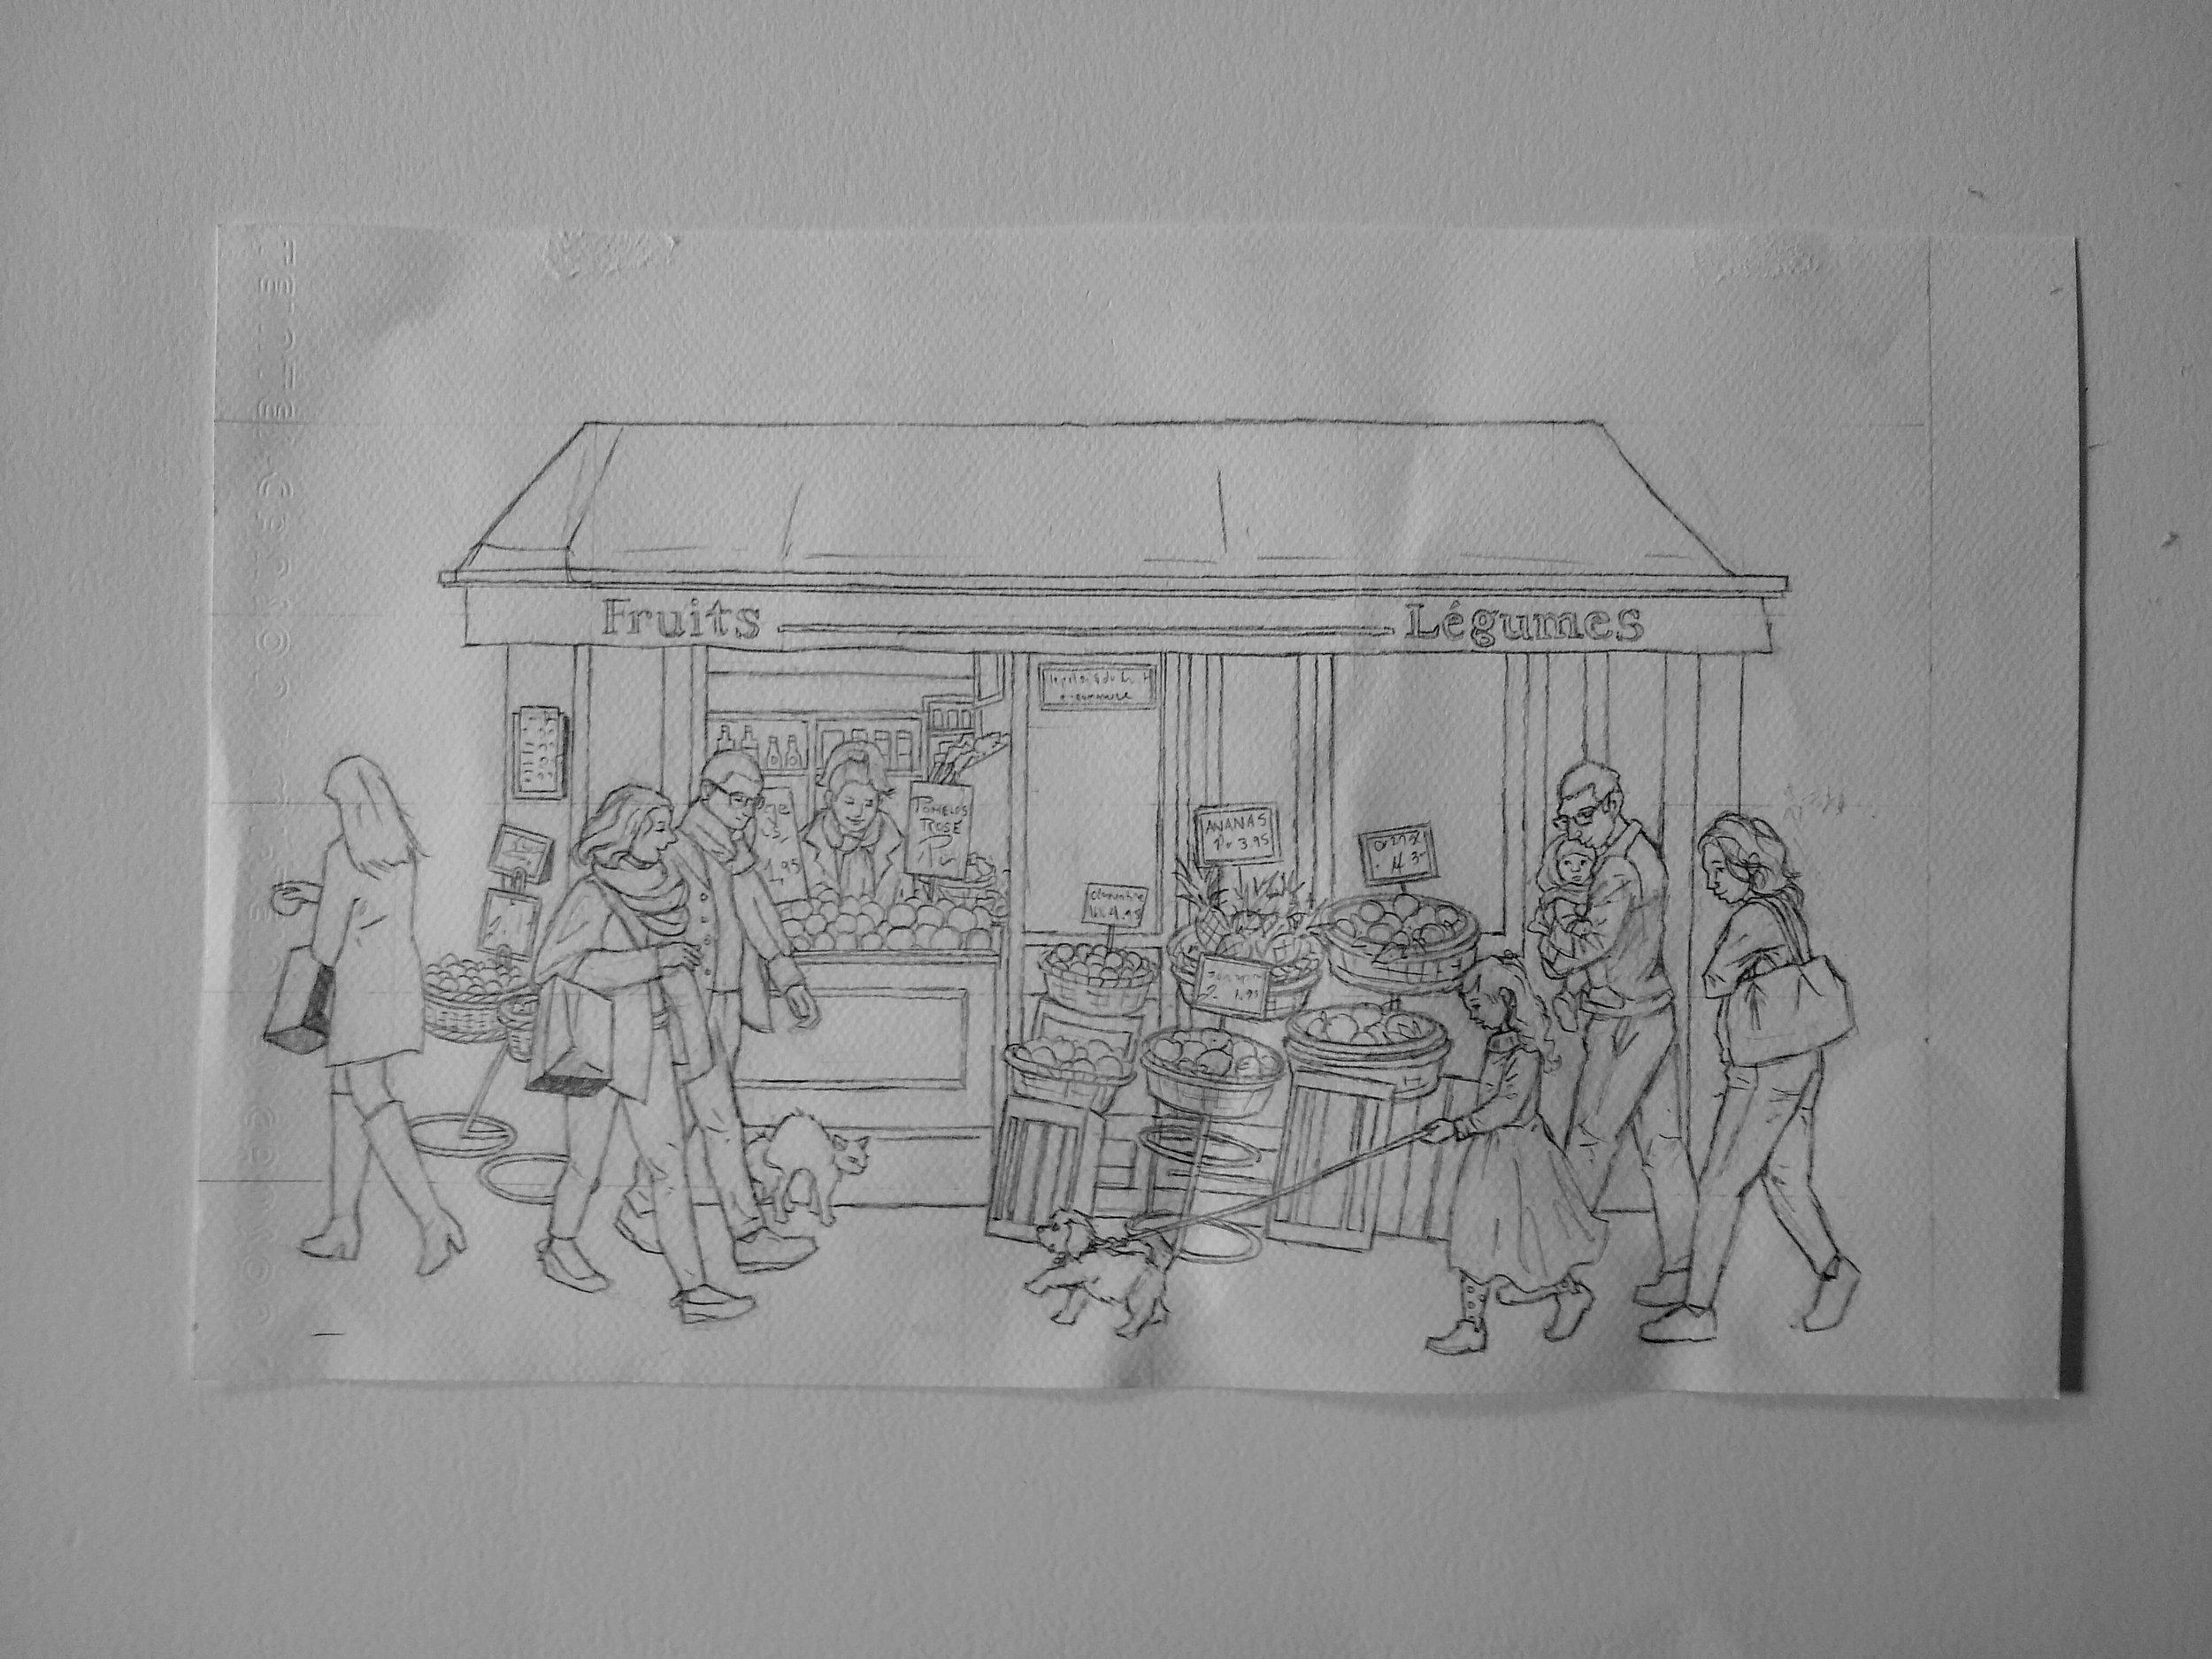 cohenillustration-sketch.jpg